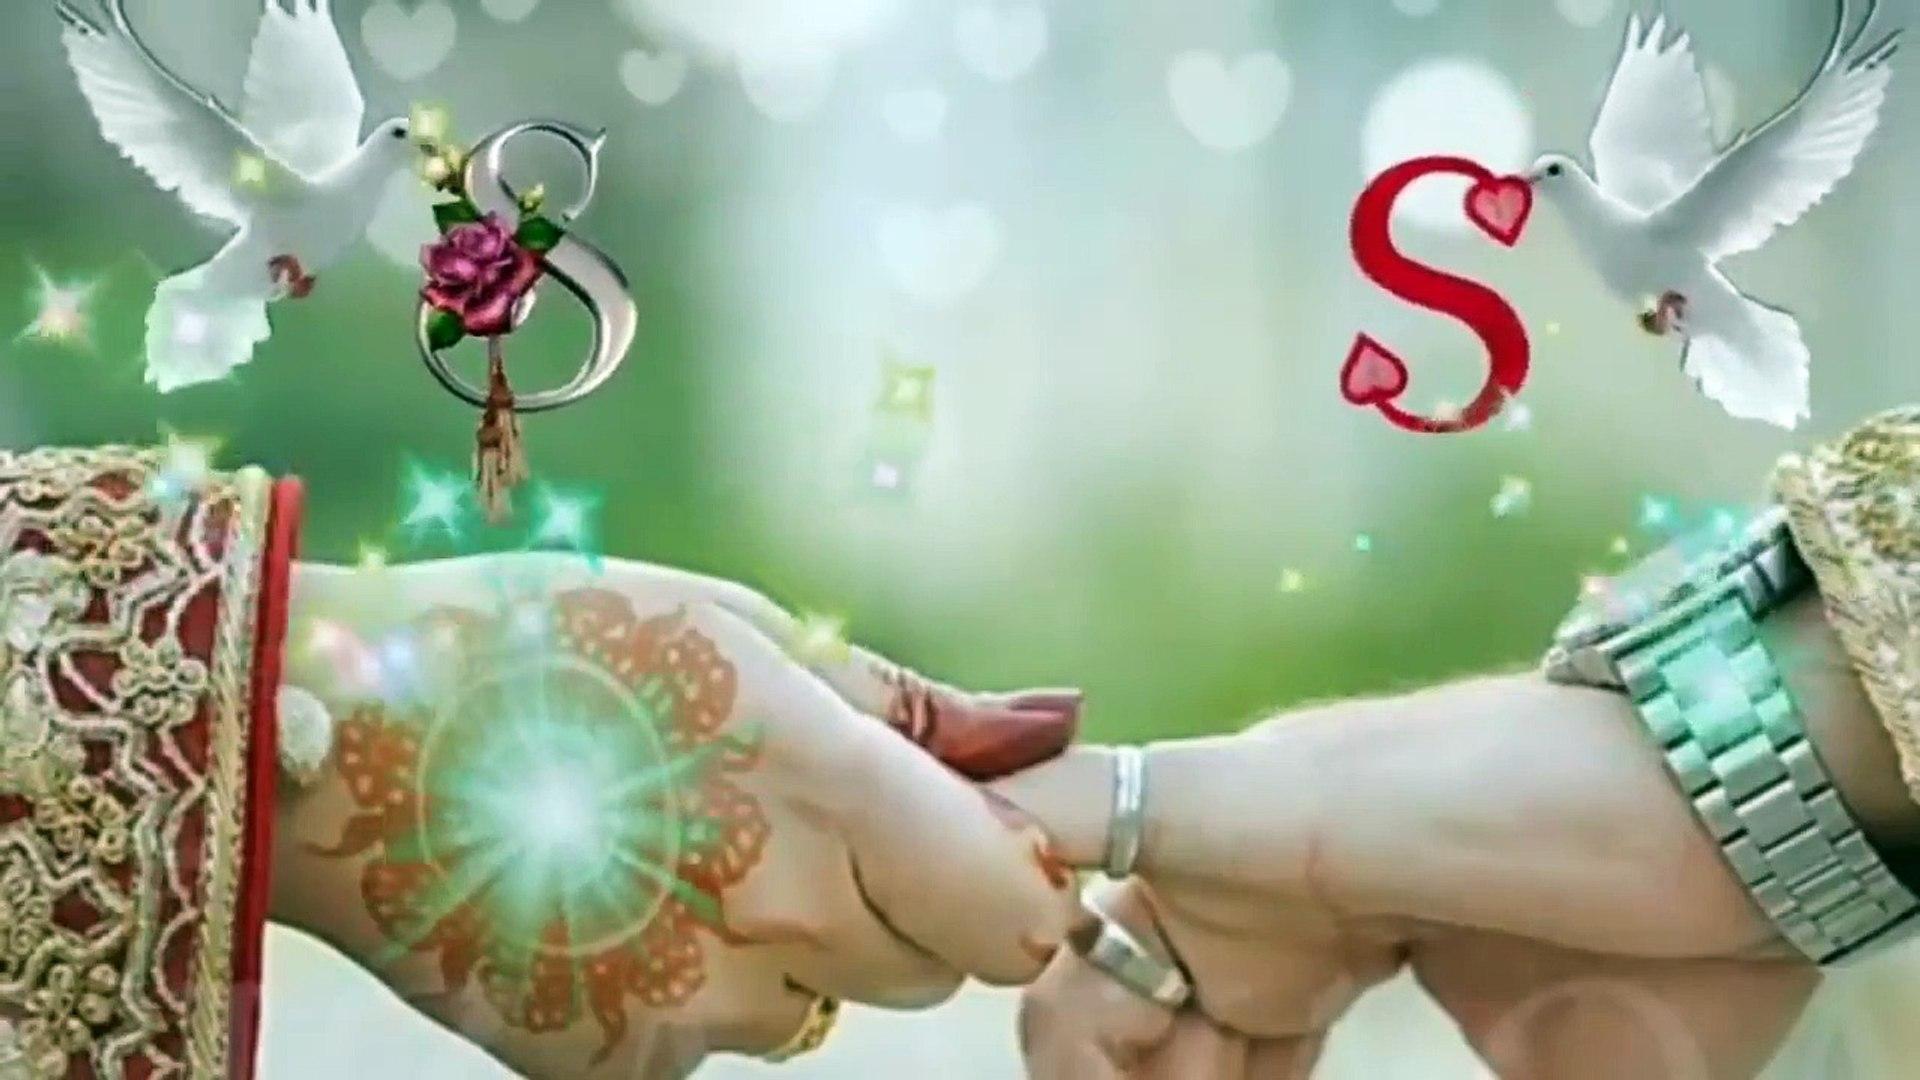 S letter whatsapp status s letter status s letter new status Ss love status 2019 #s_name_status